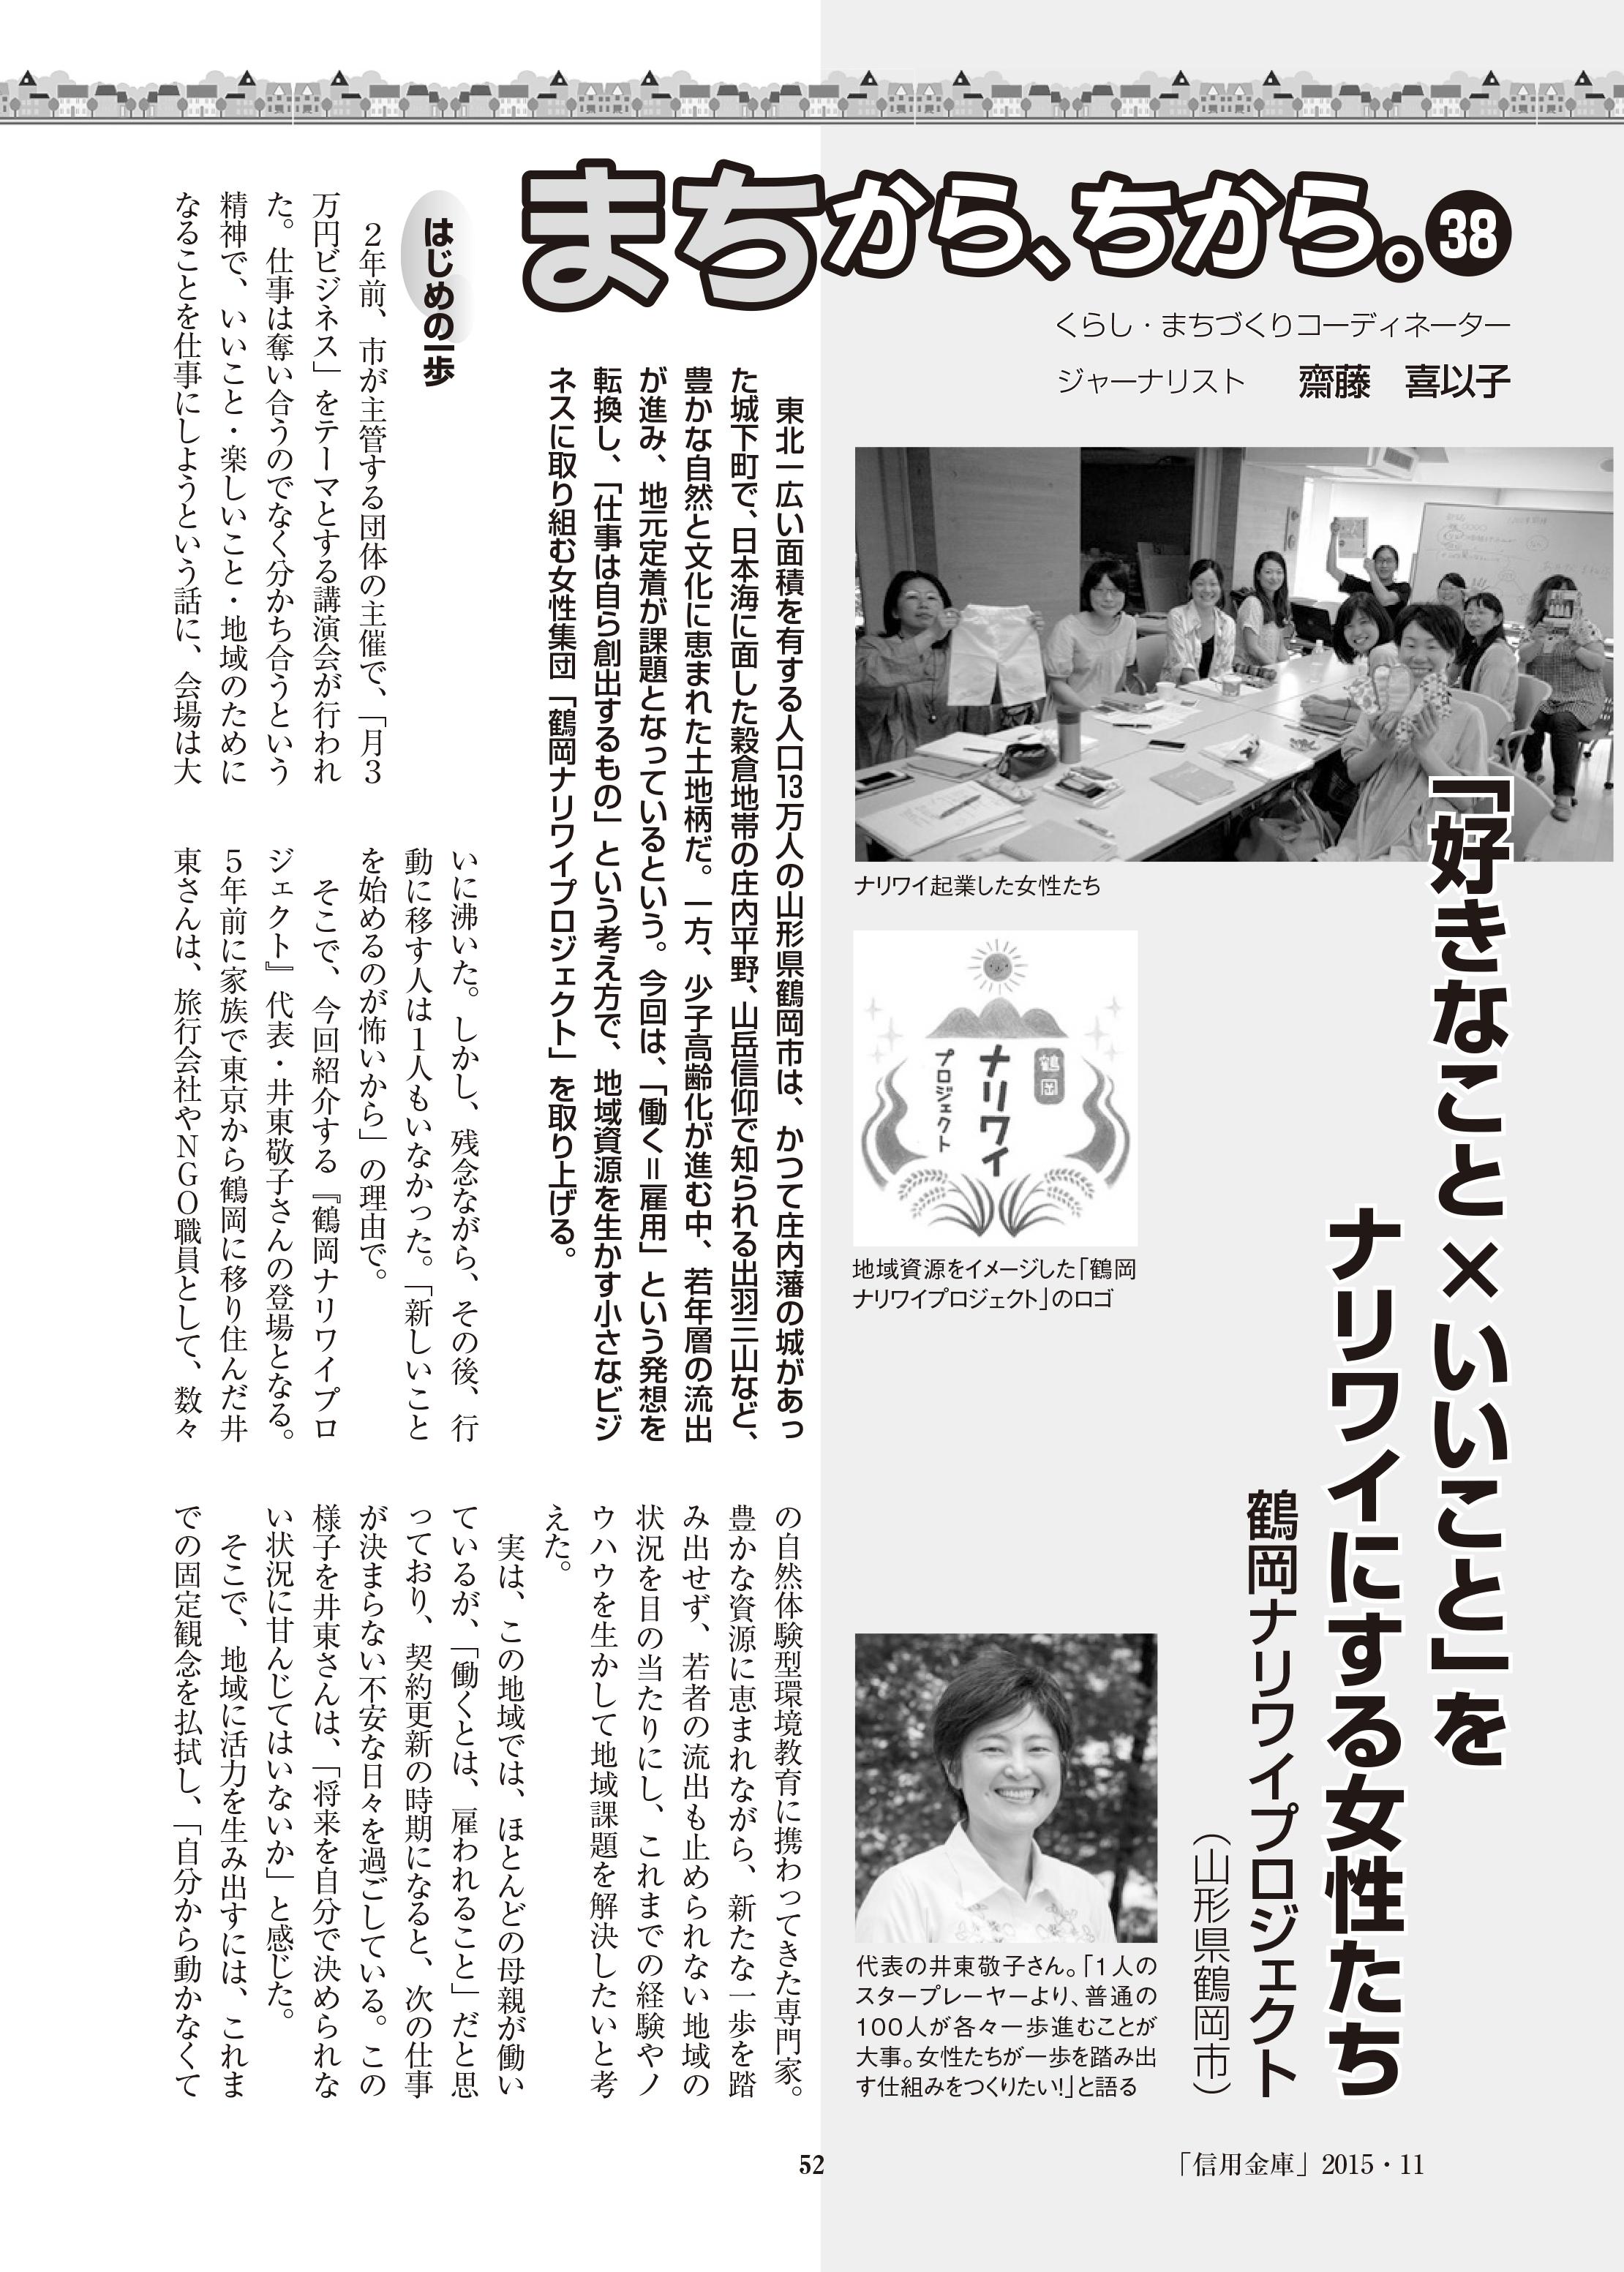 2015.11 鶴岡ナリワイ 信用金庫協会-1